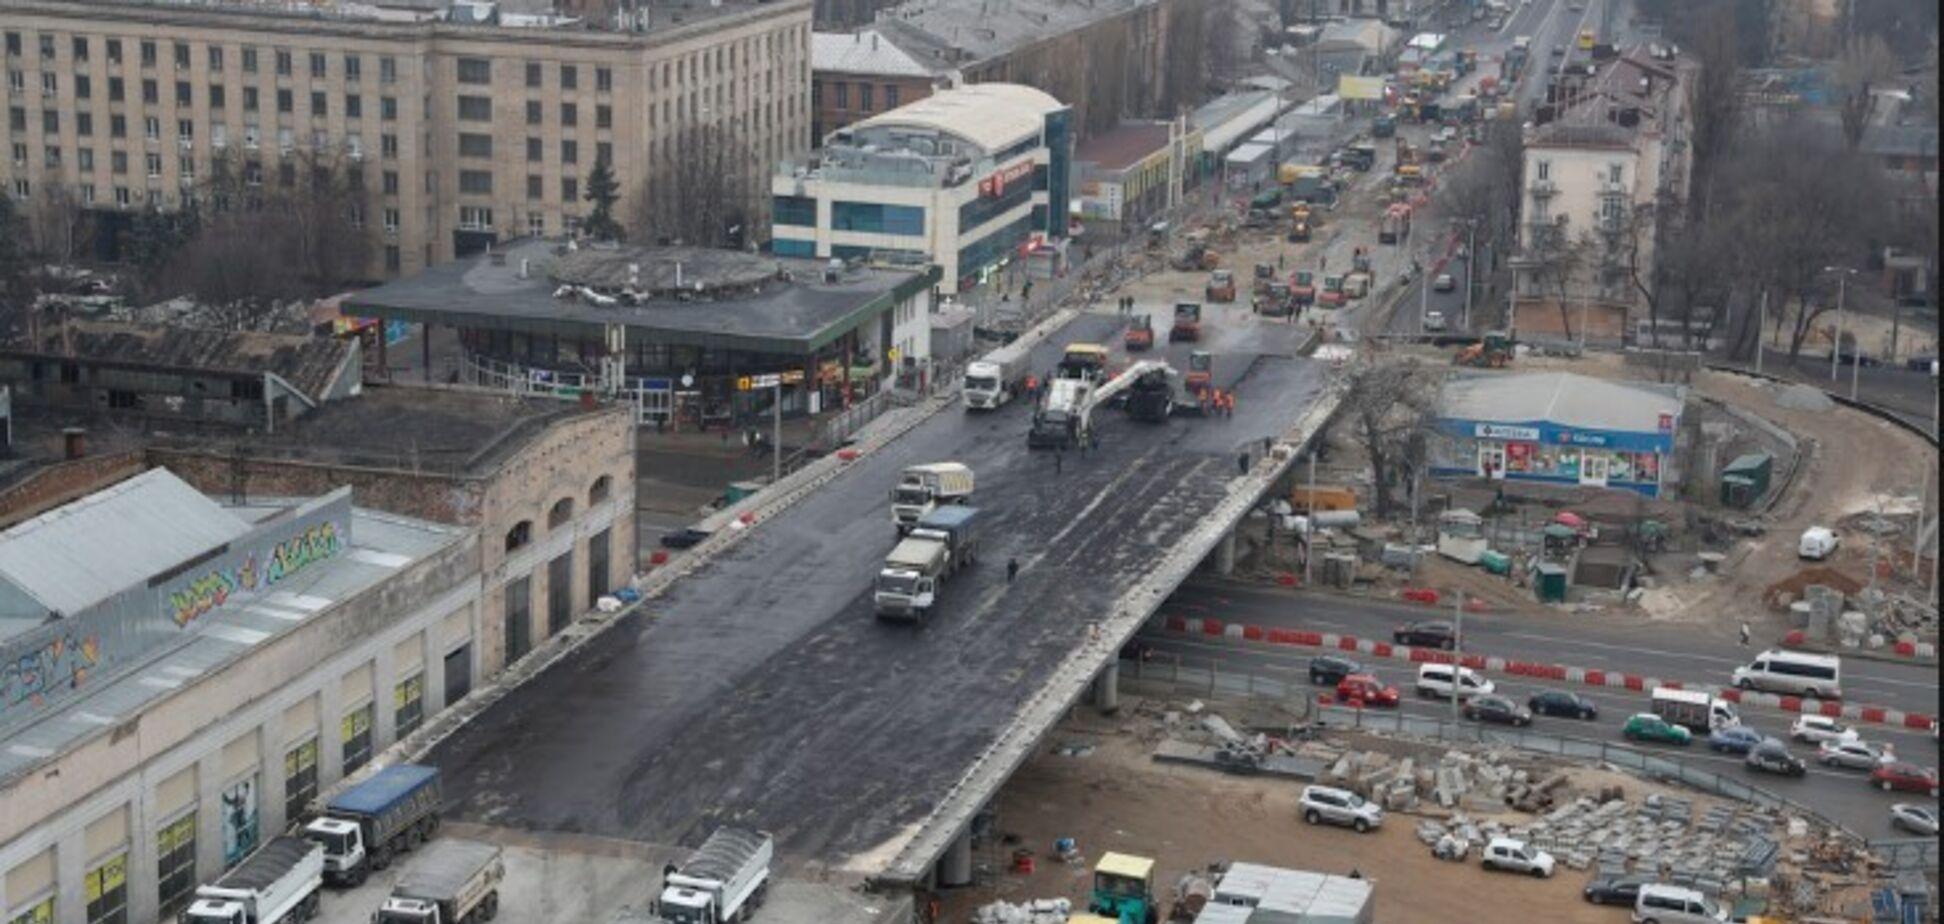 Дорожники начали асфальтировать Шулявский путепровод - Кличко